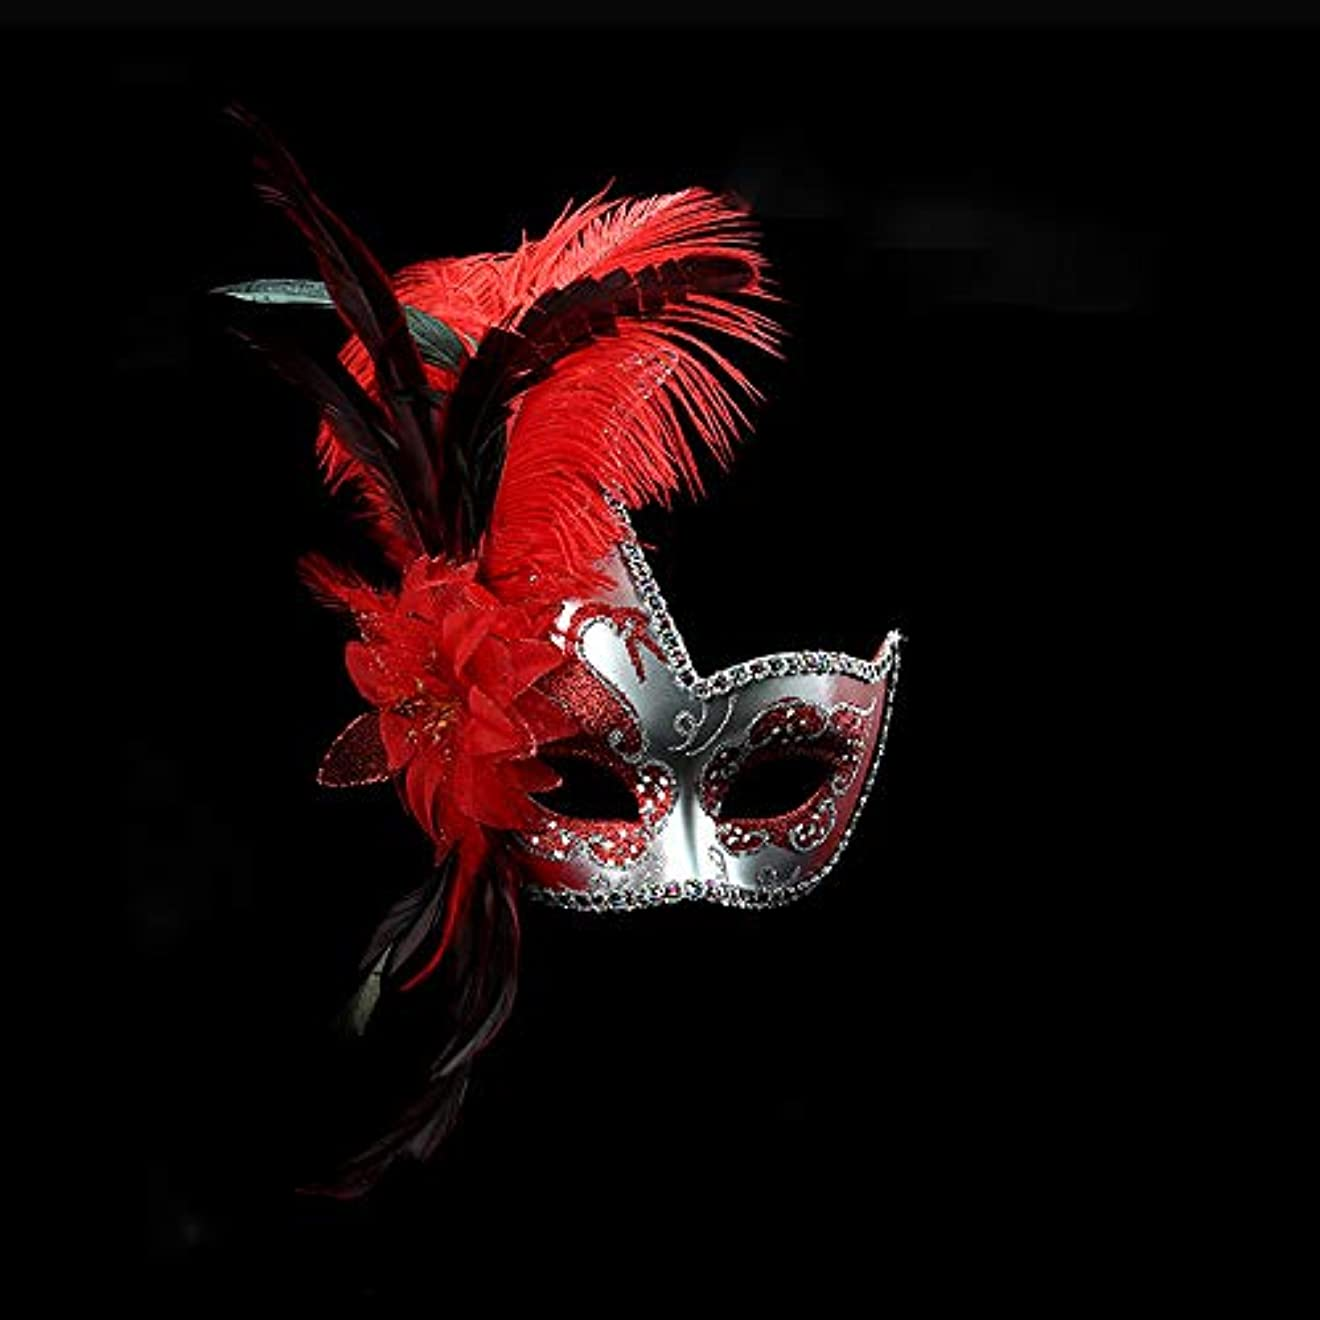 口実留まる気質Nanle ハロウィンマスクハーフフェザーマスクベニスプリンセスマスク美容レース仮面ライダーコスプレ (色 : Red)